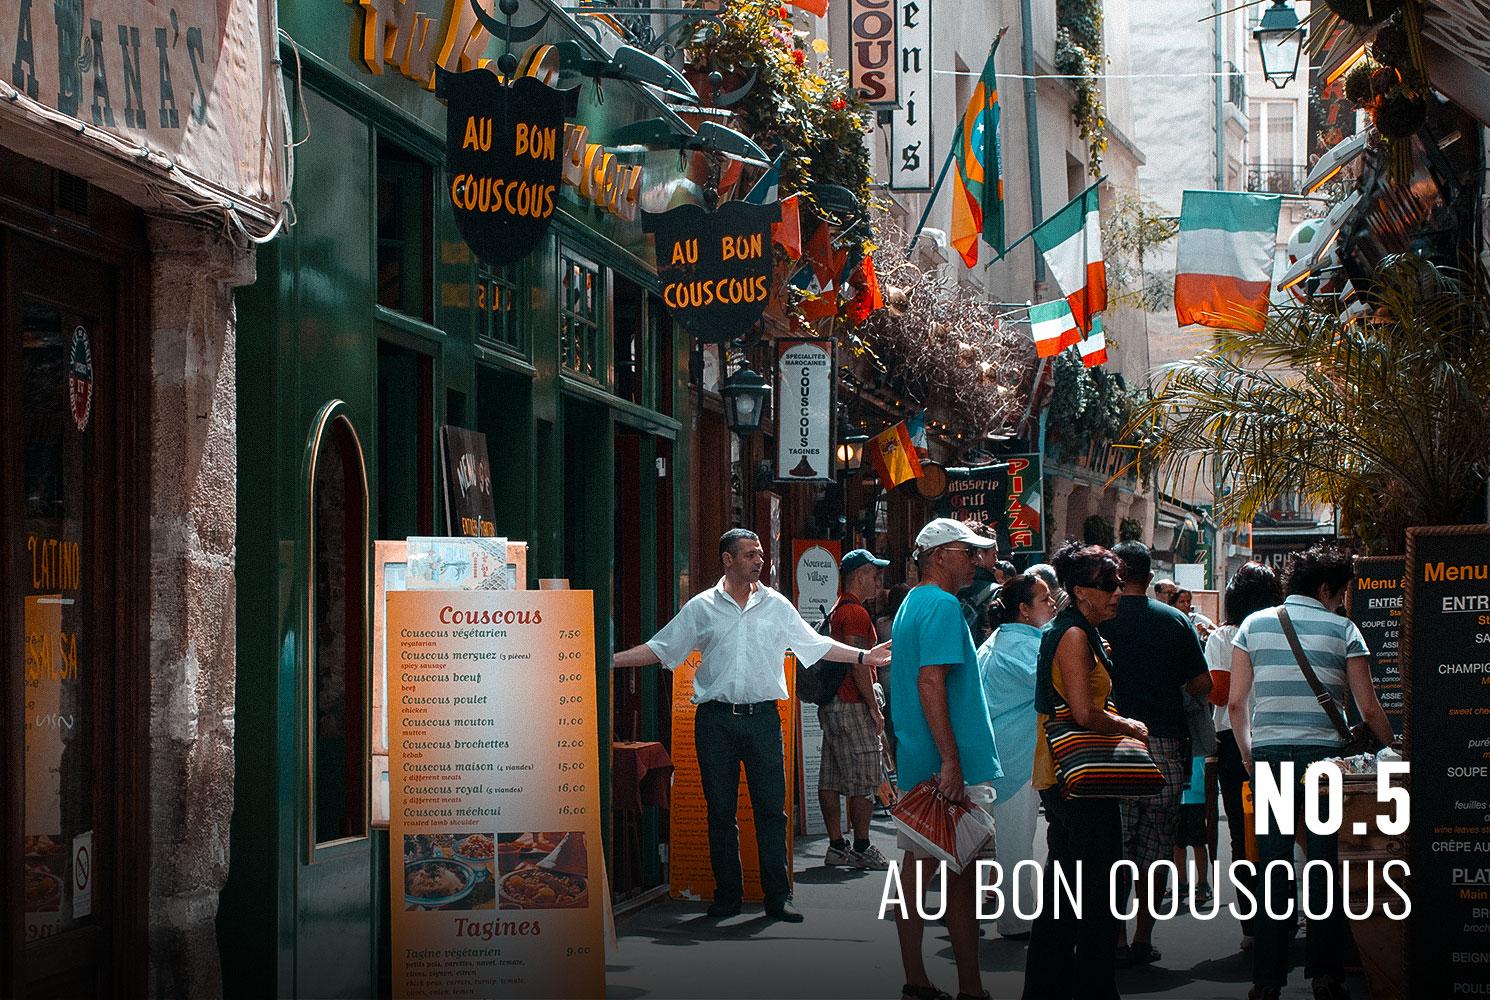 Au Bon Couscous